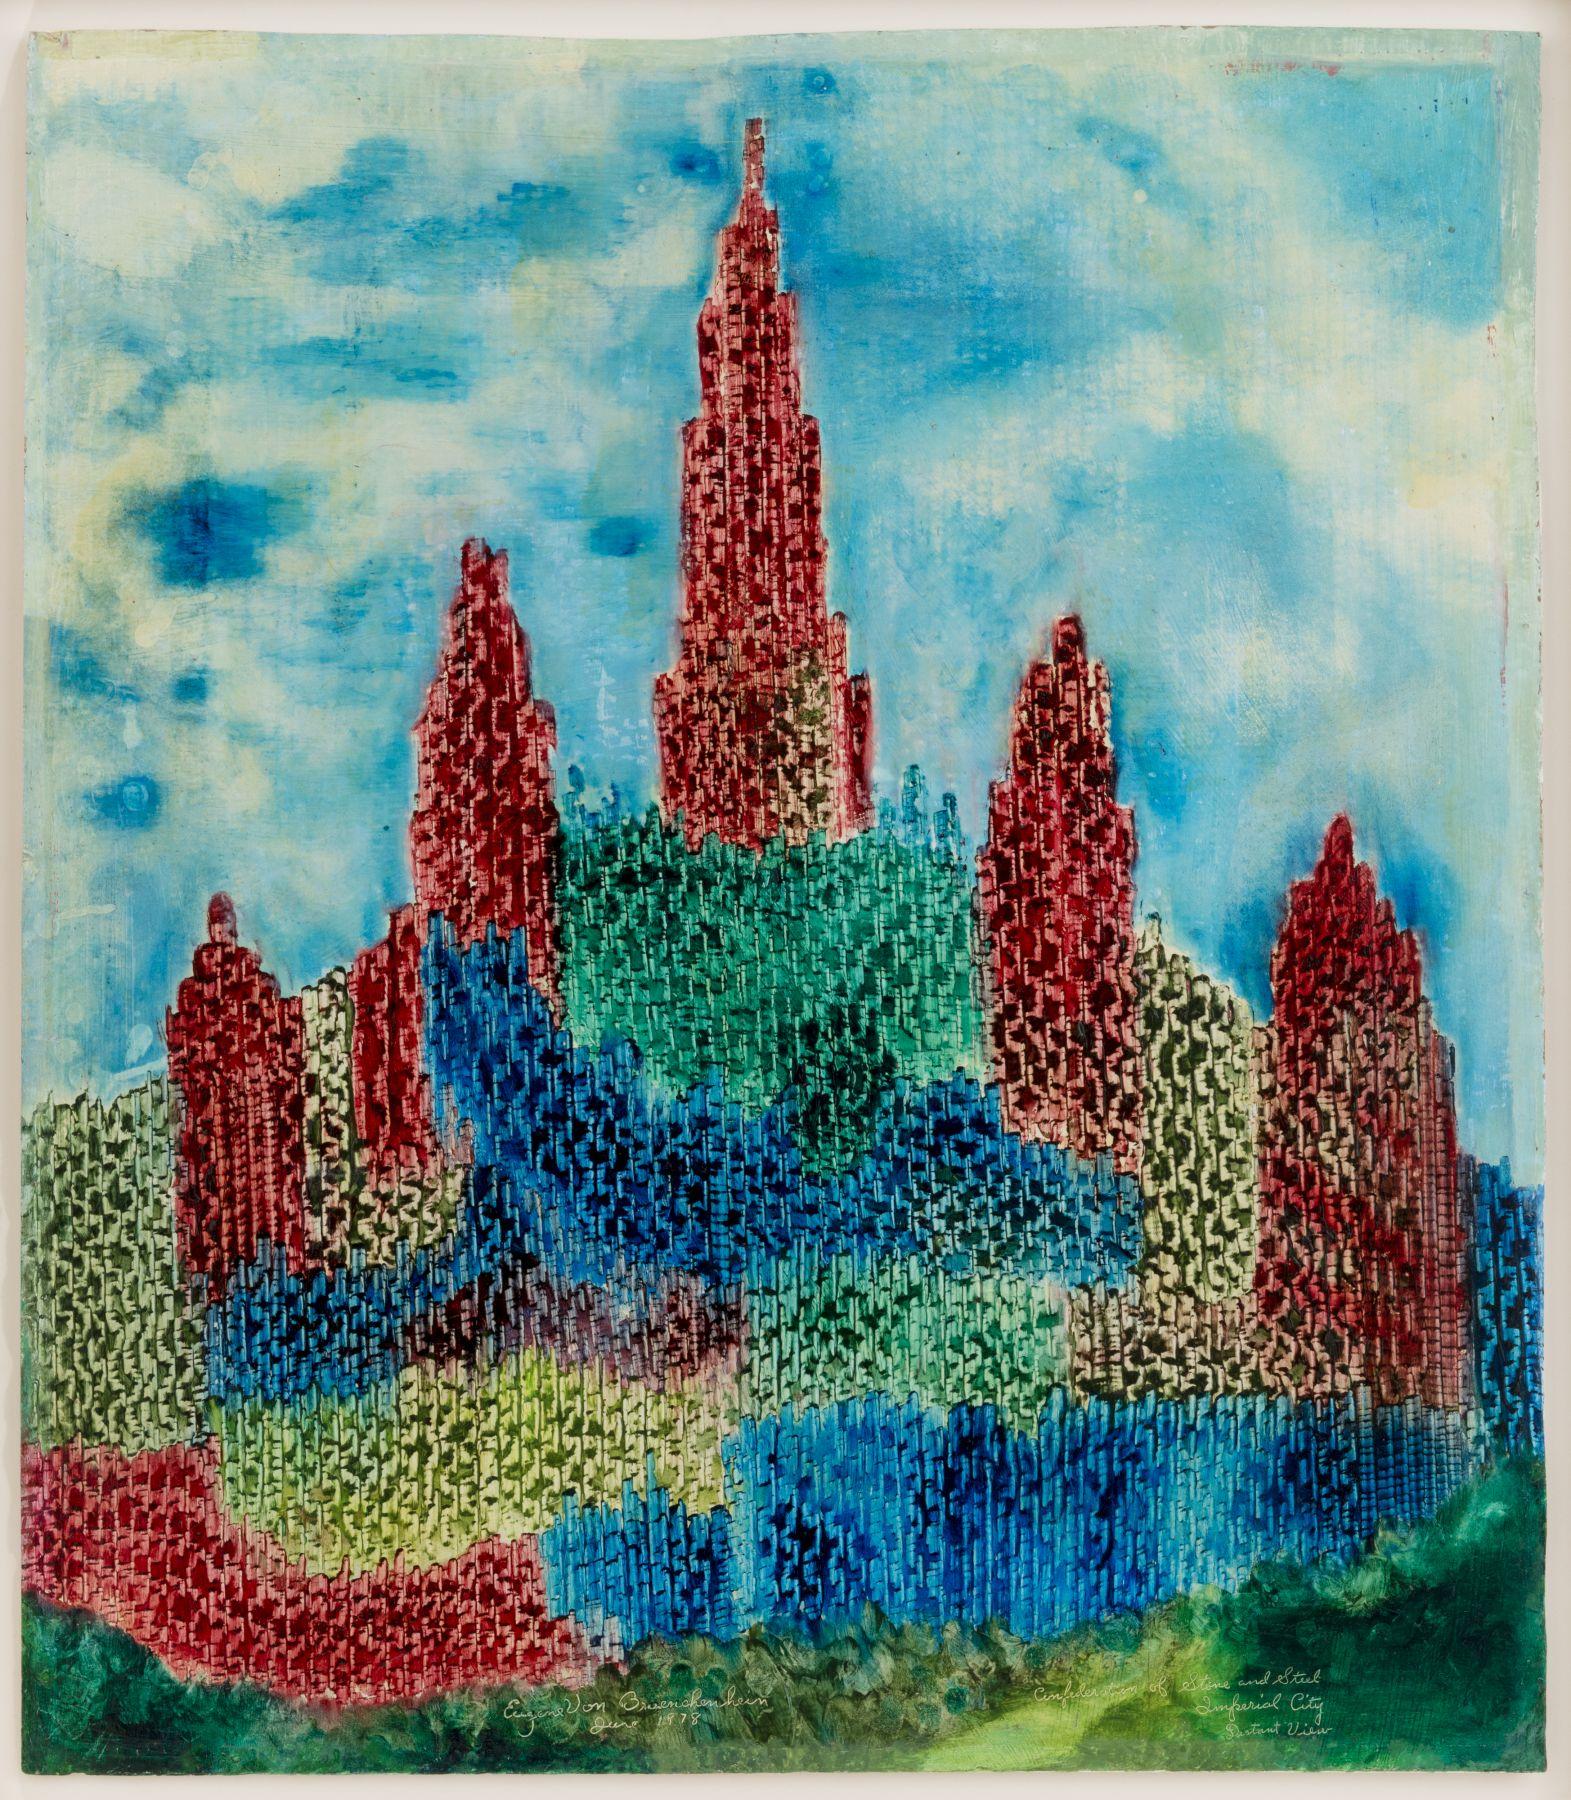 Eugene von Bruenchenhein(1910-1983) USA, Steel-Imperial City, June 1978, 1978, Oil on cardboard, 33.75 x 29.5 in